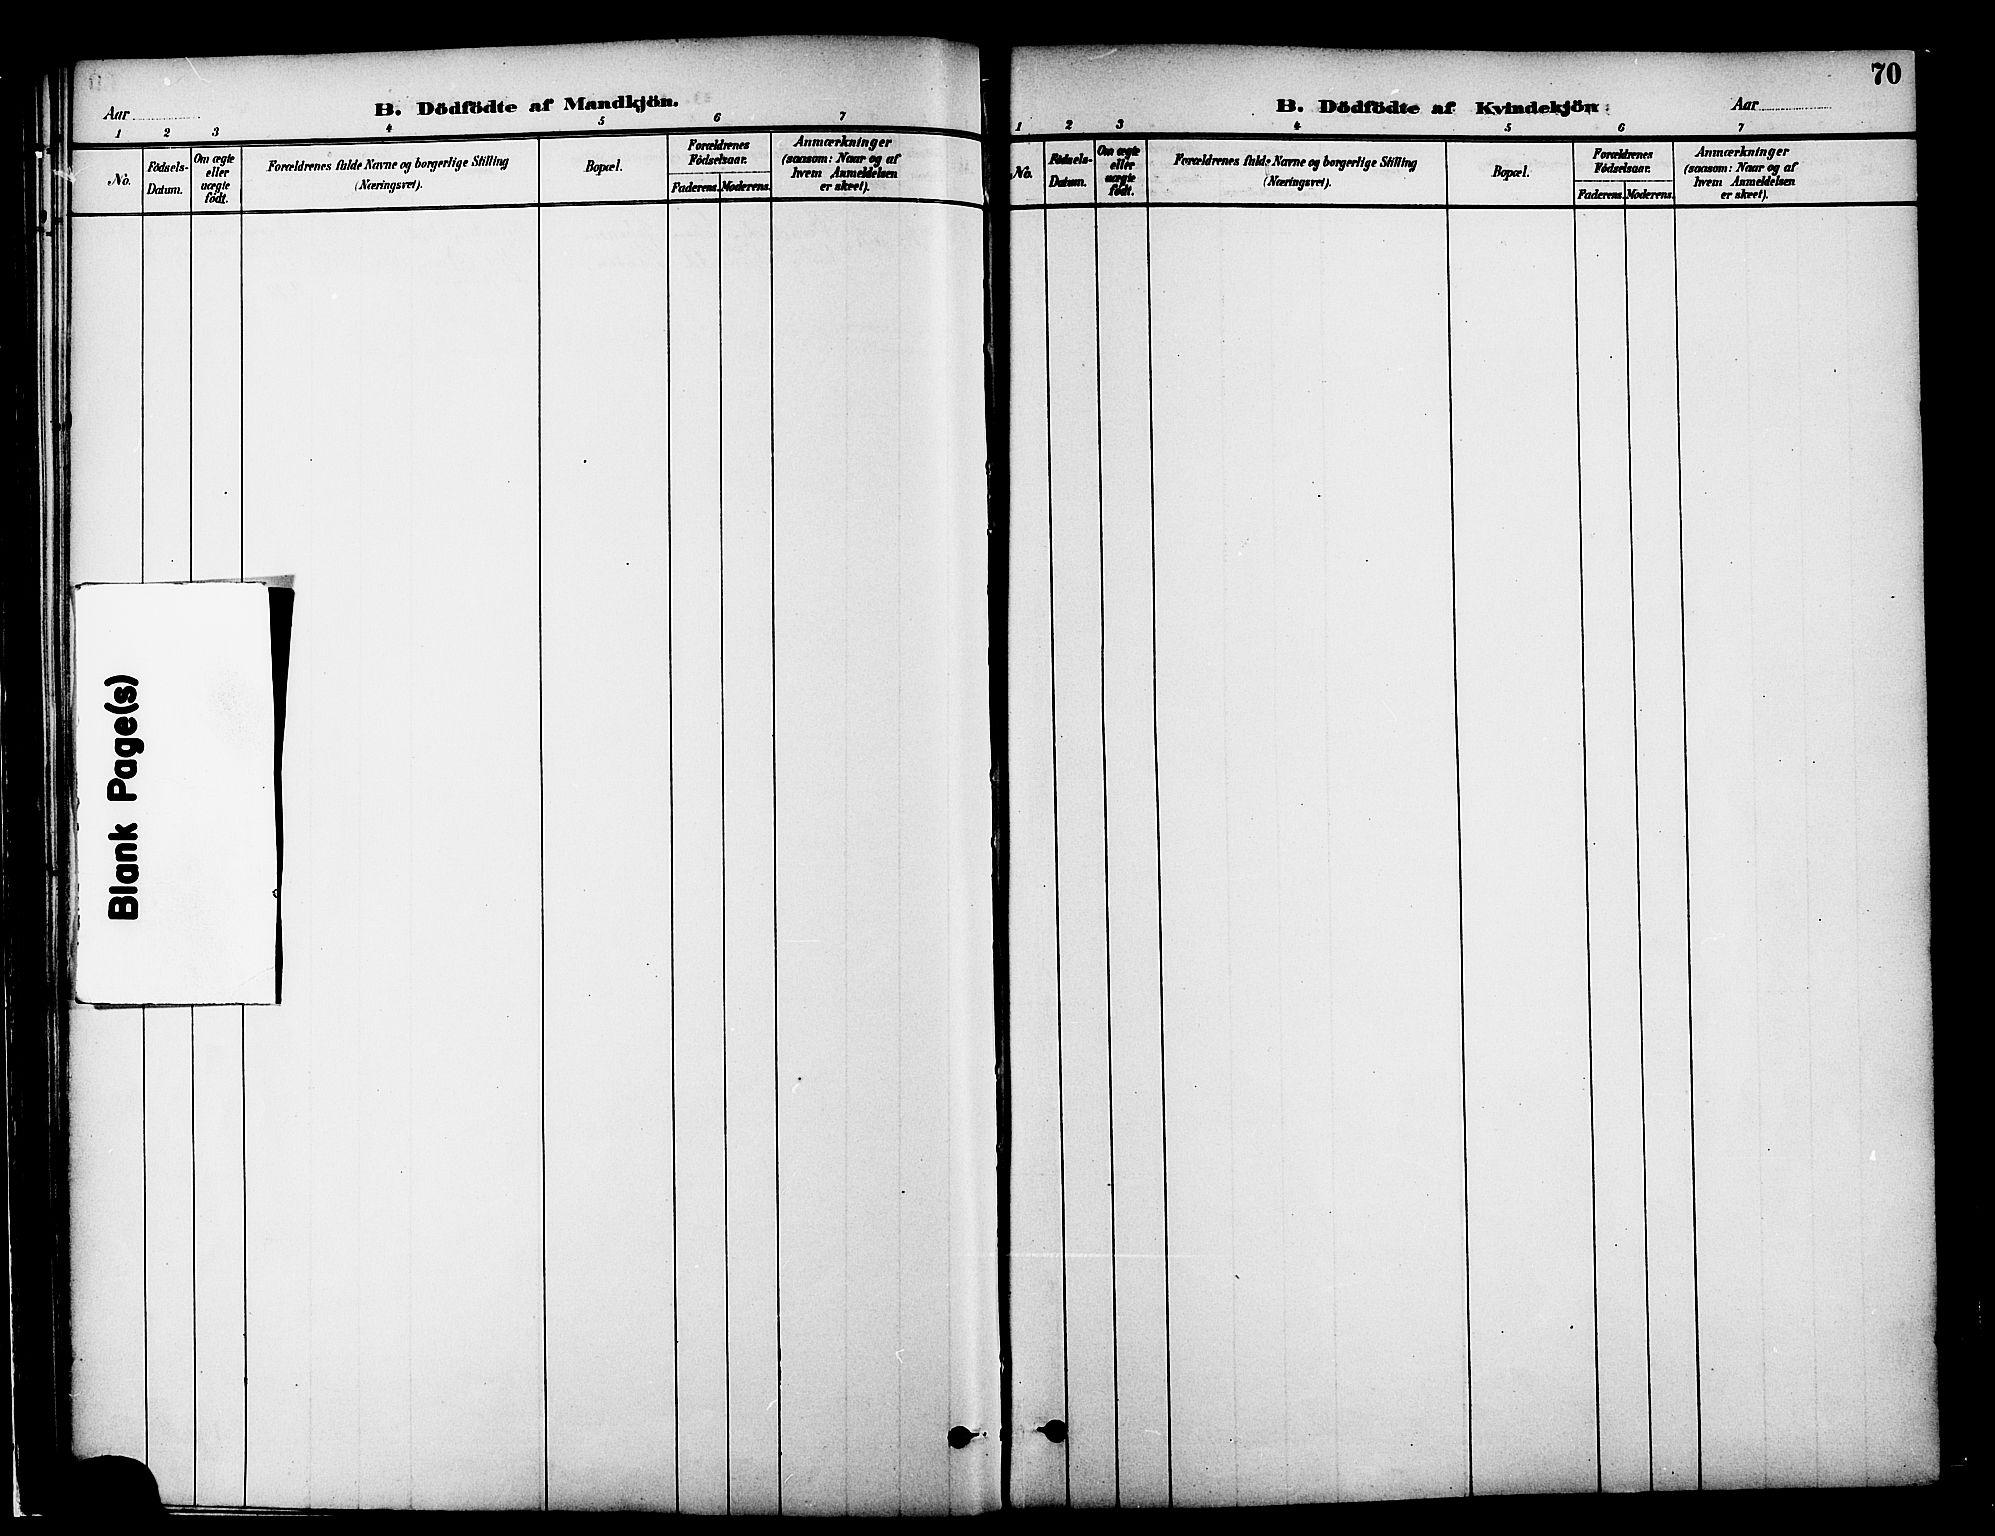 SAT, Ministerialprotokoller, klokkerbøker og fødselsregistre - Møre og Romsdal, 519/L0255: Ministerialbok nr. 519A14, 1884-1908, s. 70